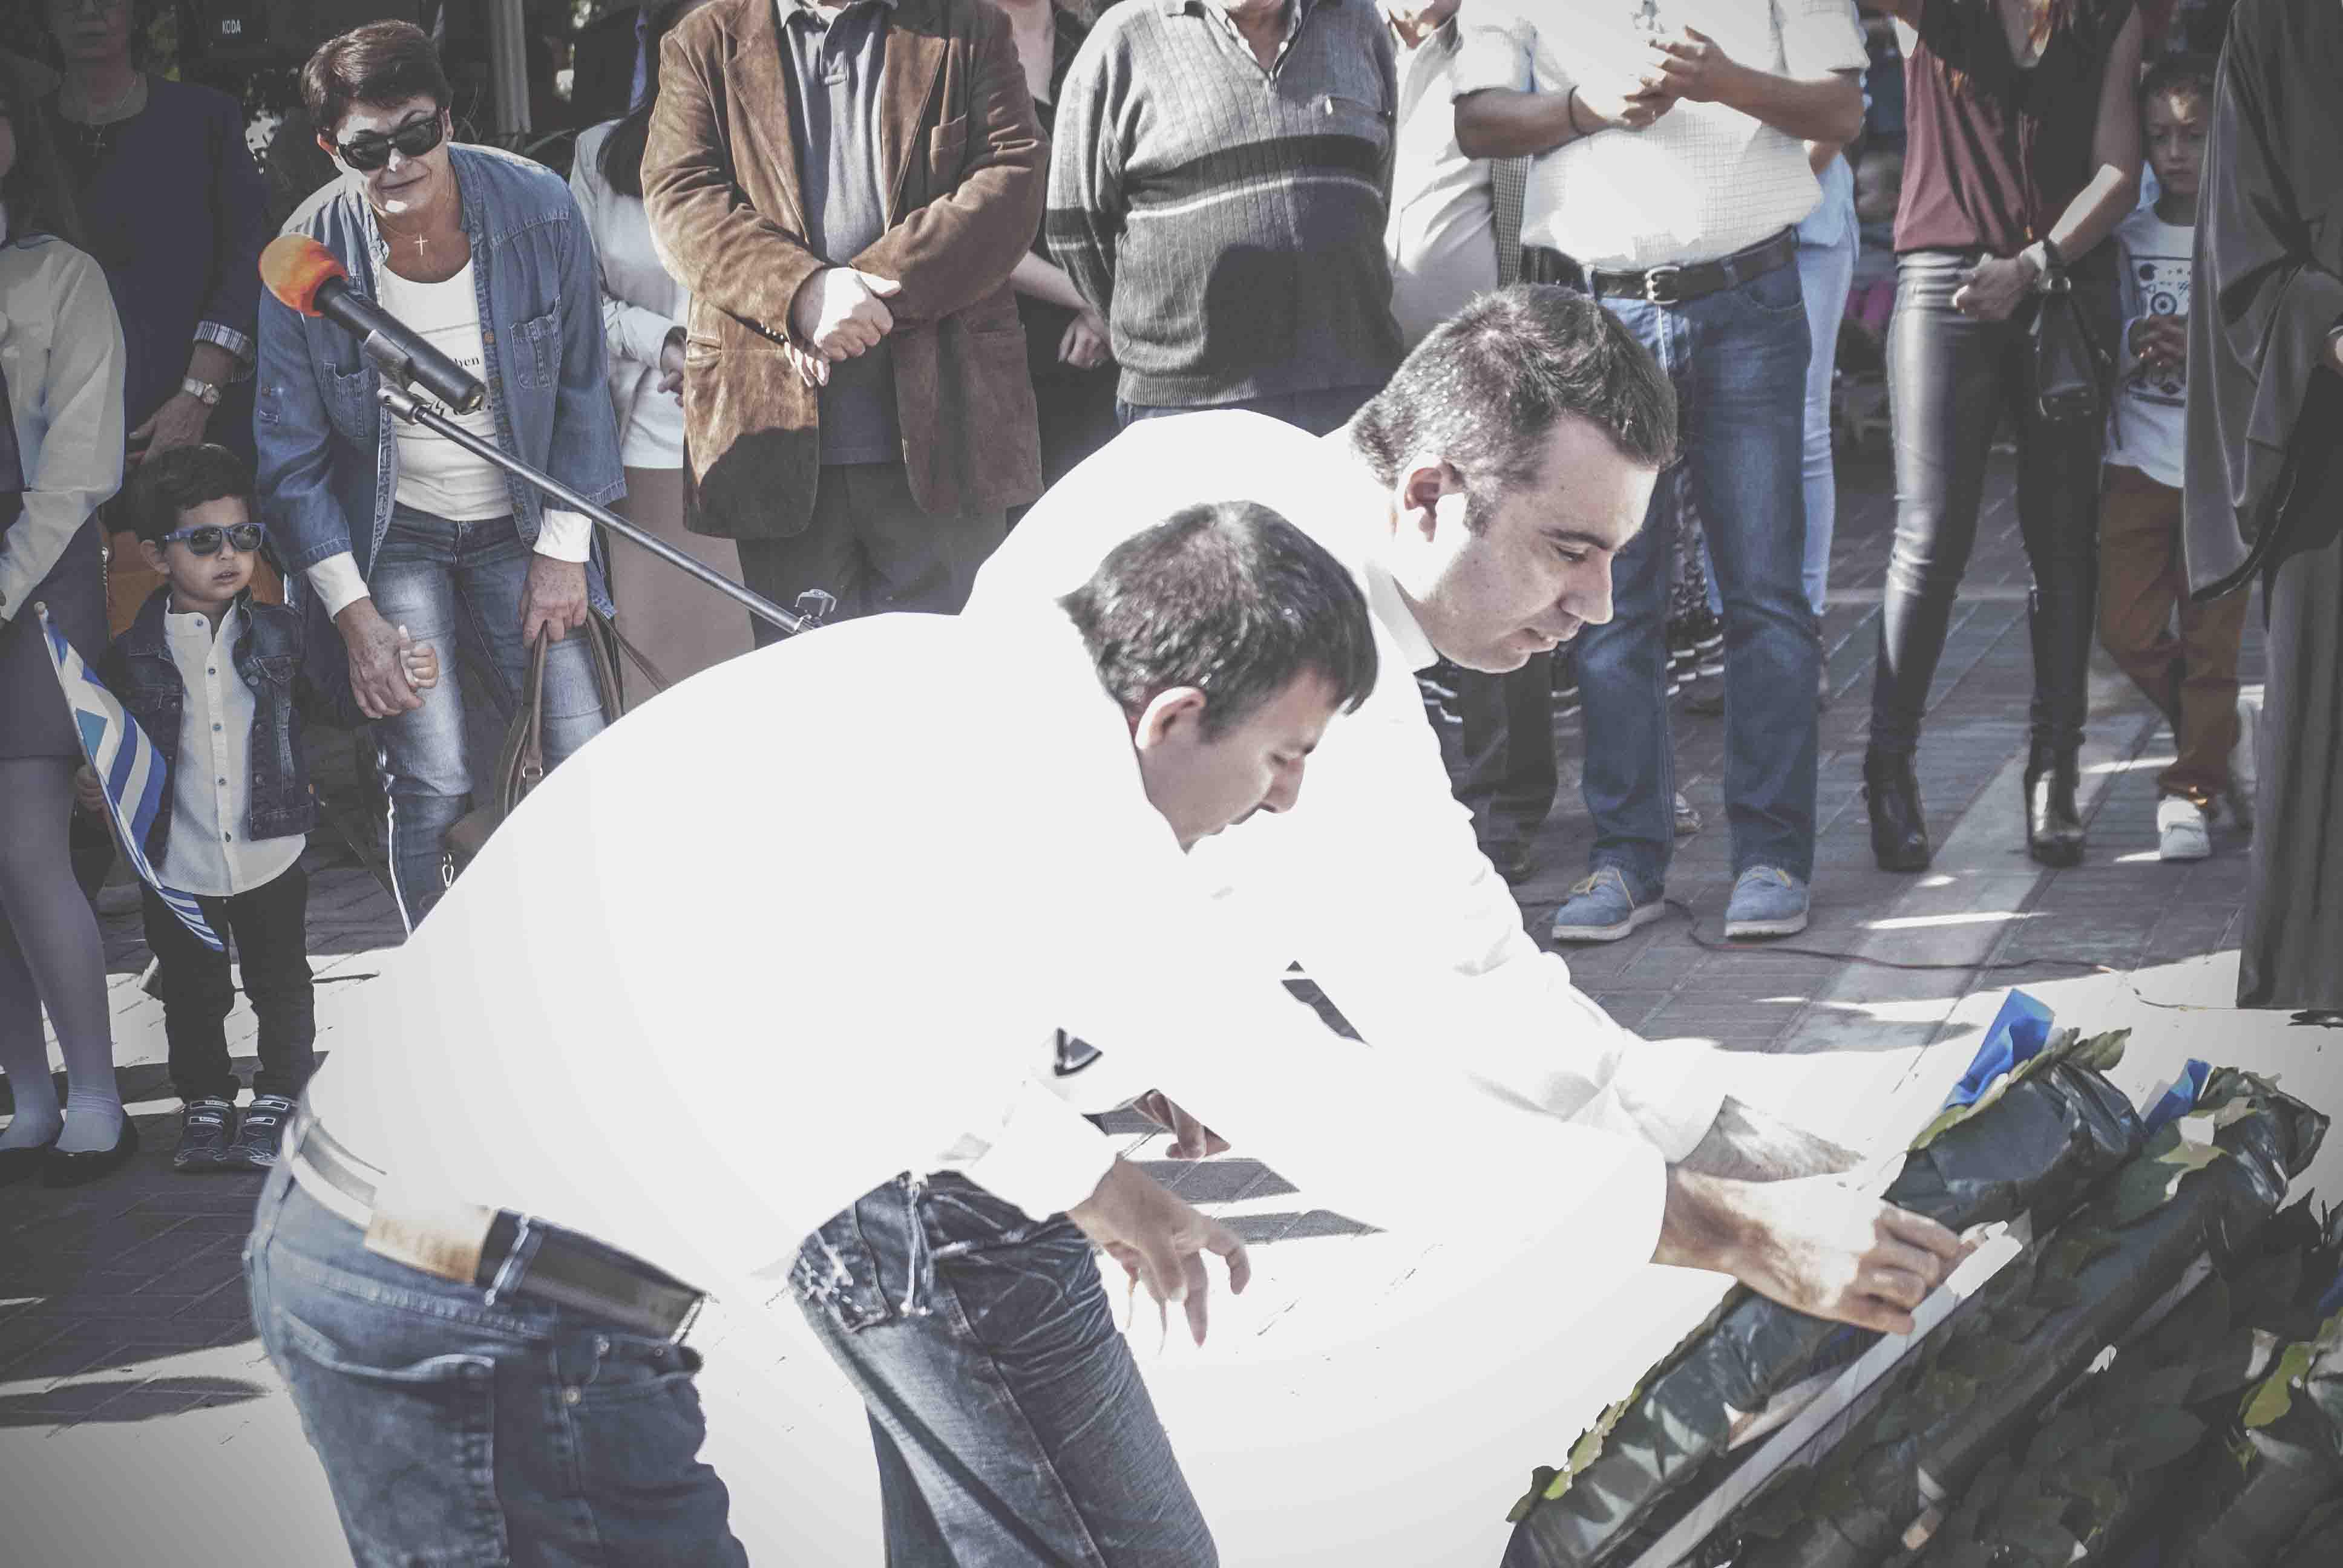 Η παρέλαση της 28ης Οκτωβρίου σε Καστέλλα και Ψαχνά (φωτό) DSC 0295